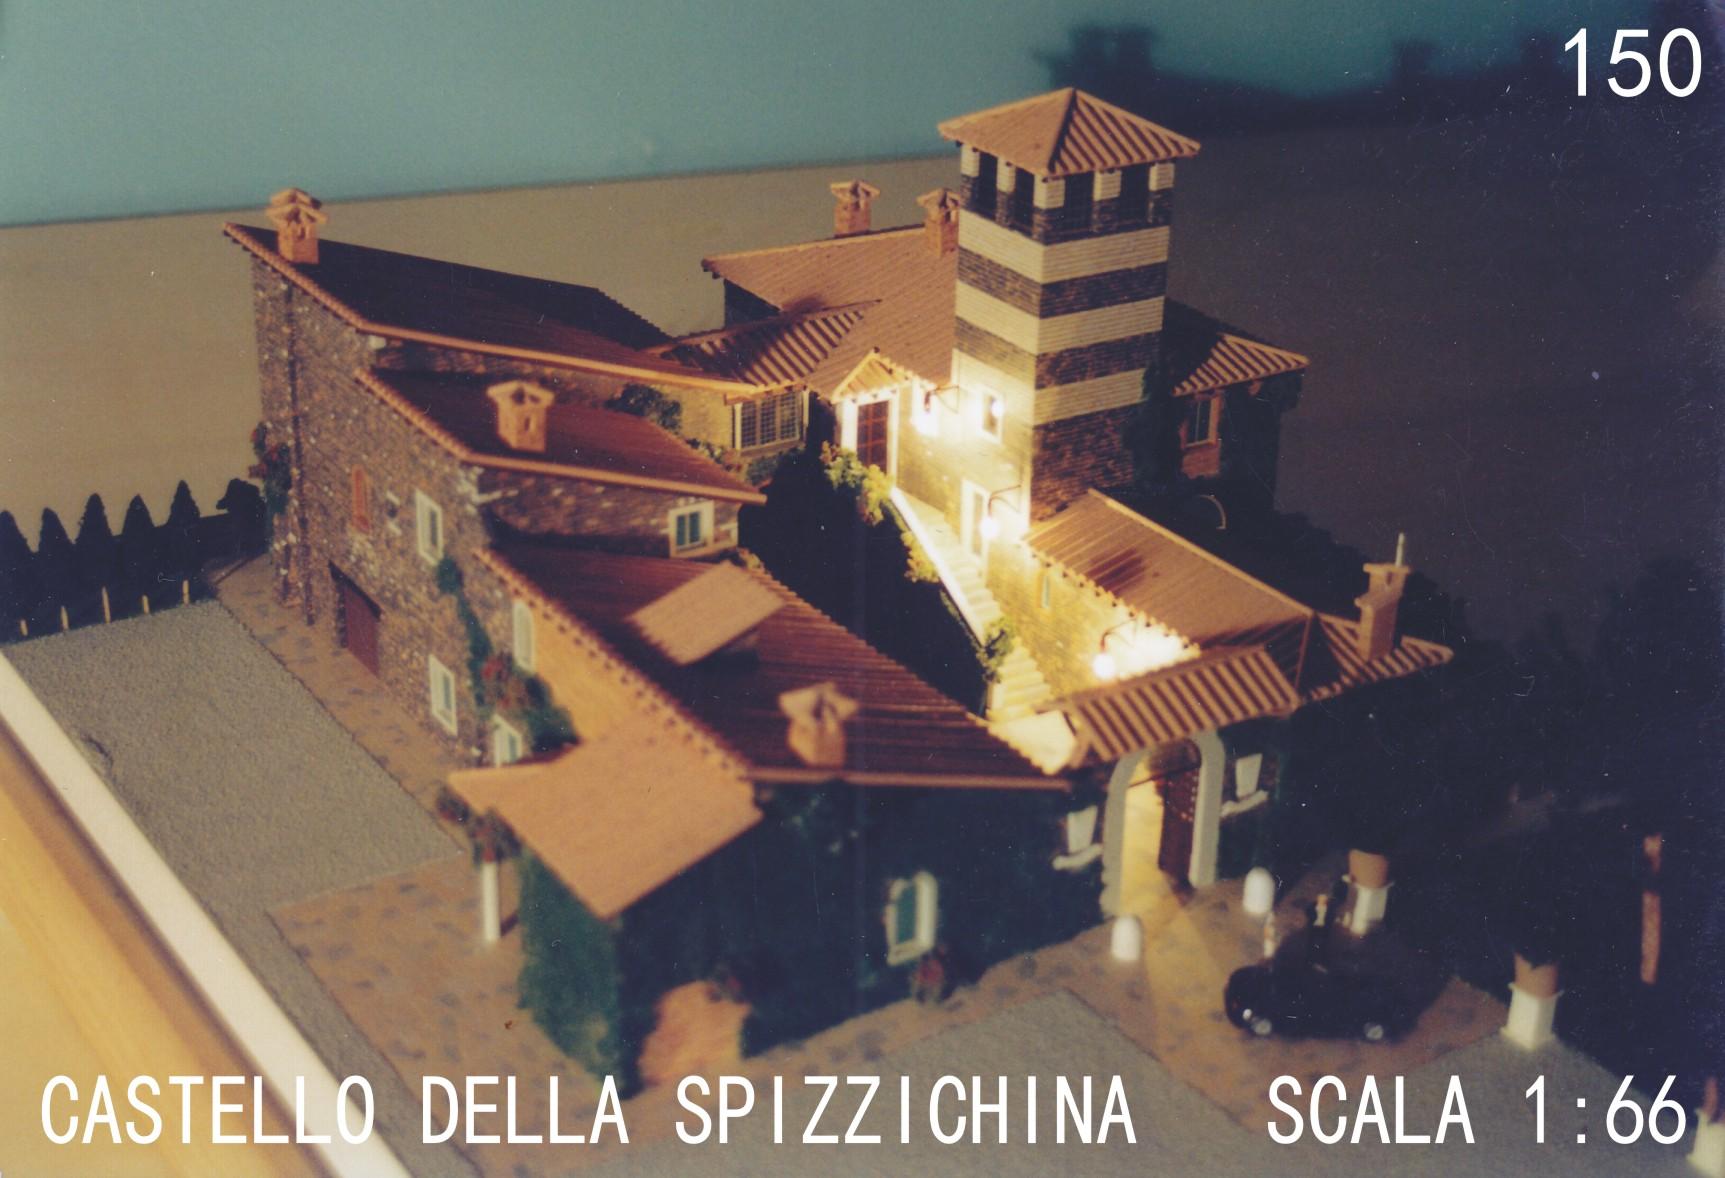 CASTELLO DELLA SPIZZICHINA